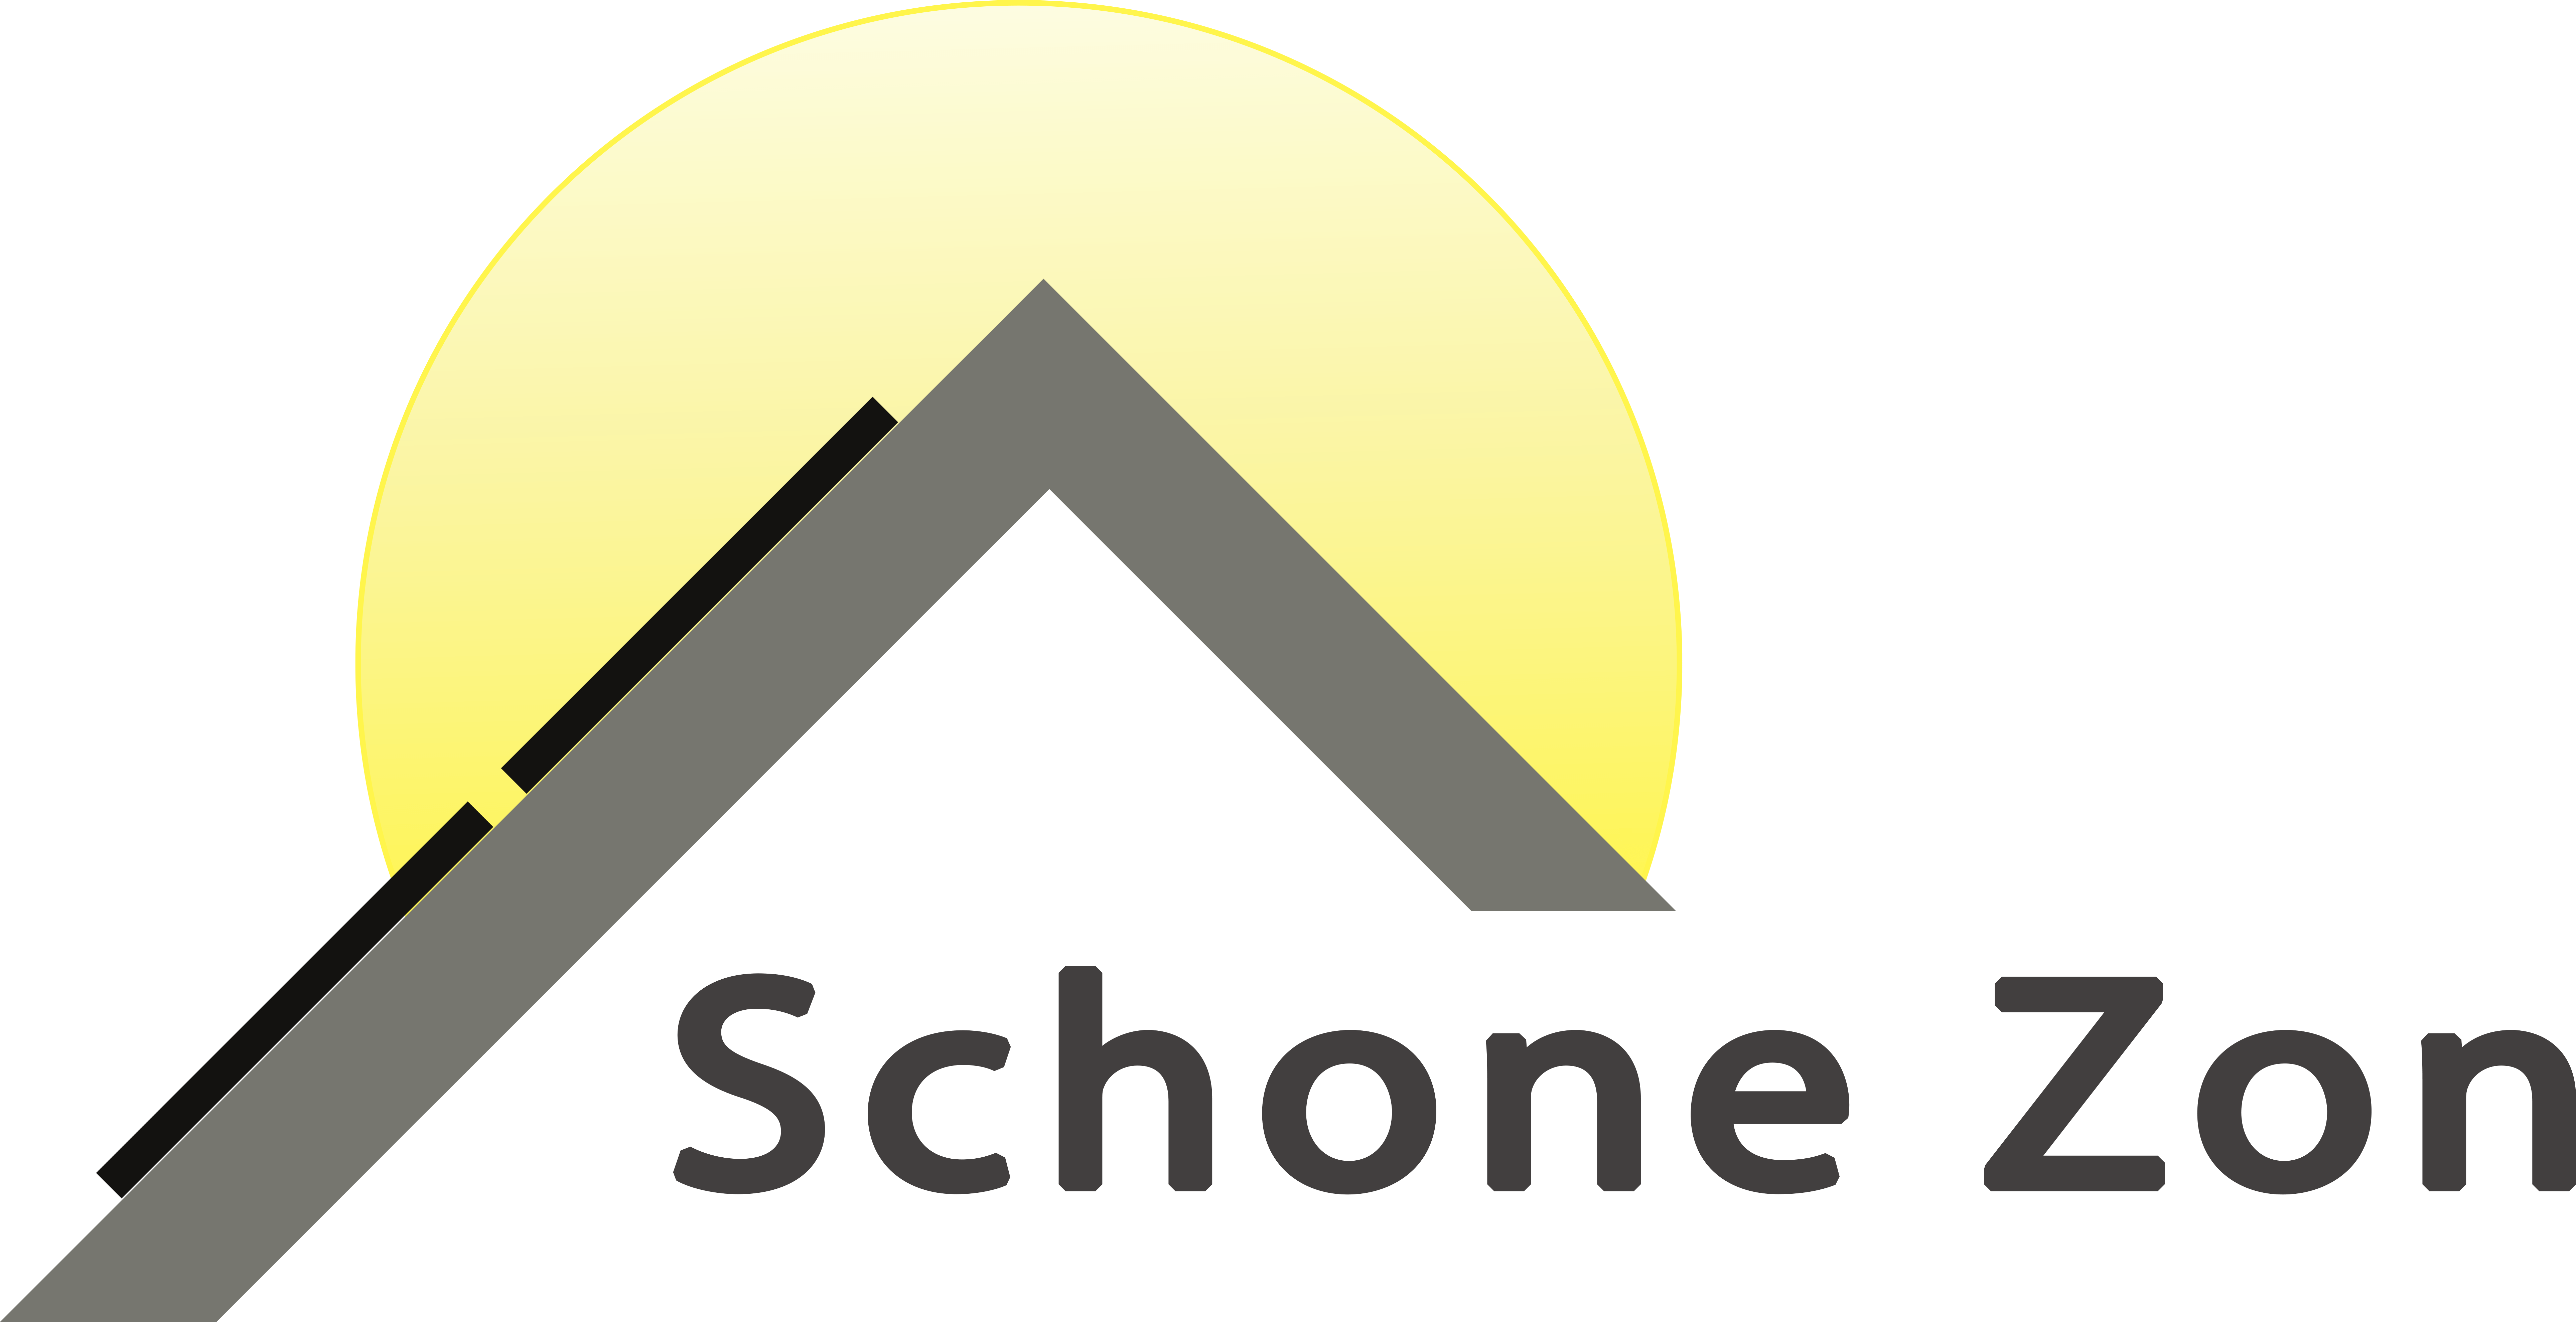 Logo_Schone-Zon_Buro-Bedenkt